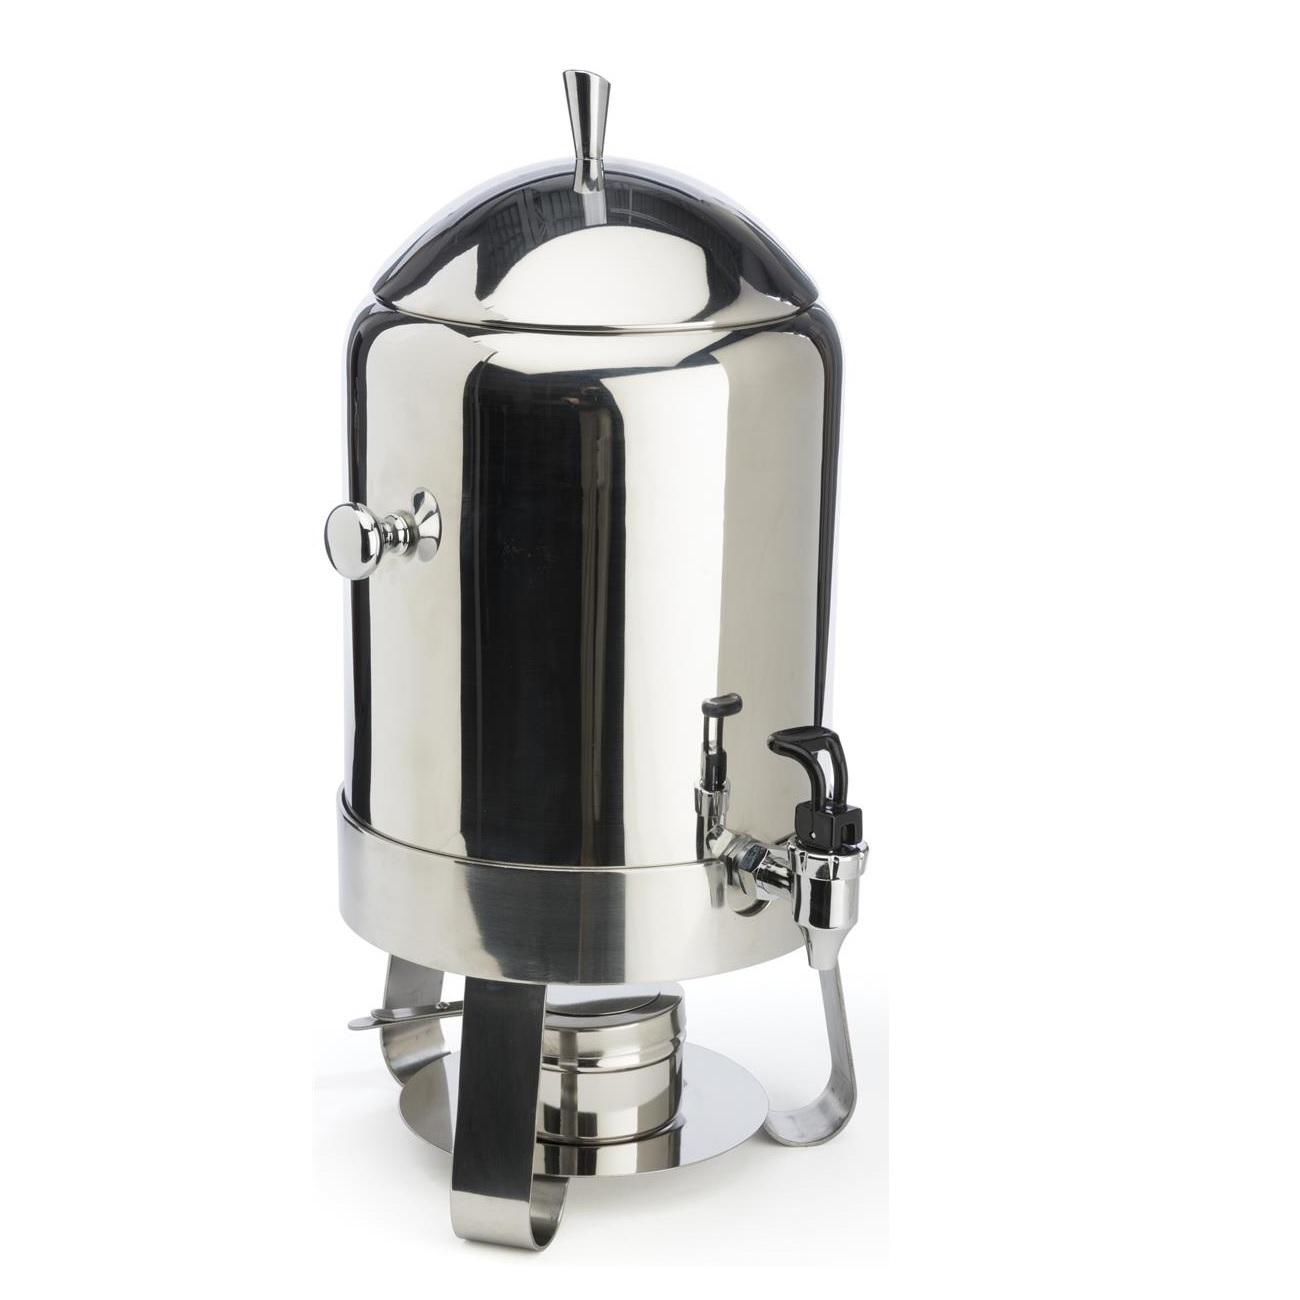 035.0241 Ανοξείδωτος Διανεμητής Καφέ 11 lt - 300x300x544mm επαγγελματικός εξοπλισμός   φούρνοι μικροκύματα κρεπιέρες βαφλιέρες φριτέζες   μ